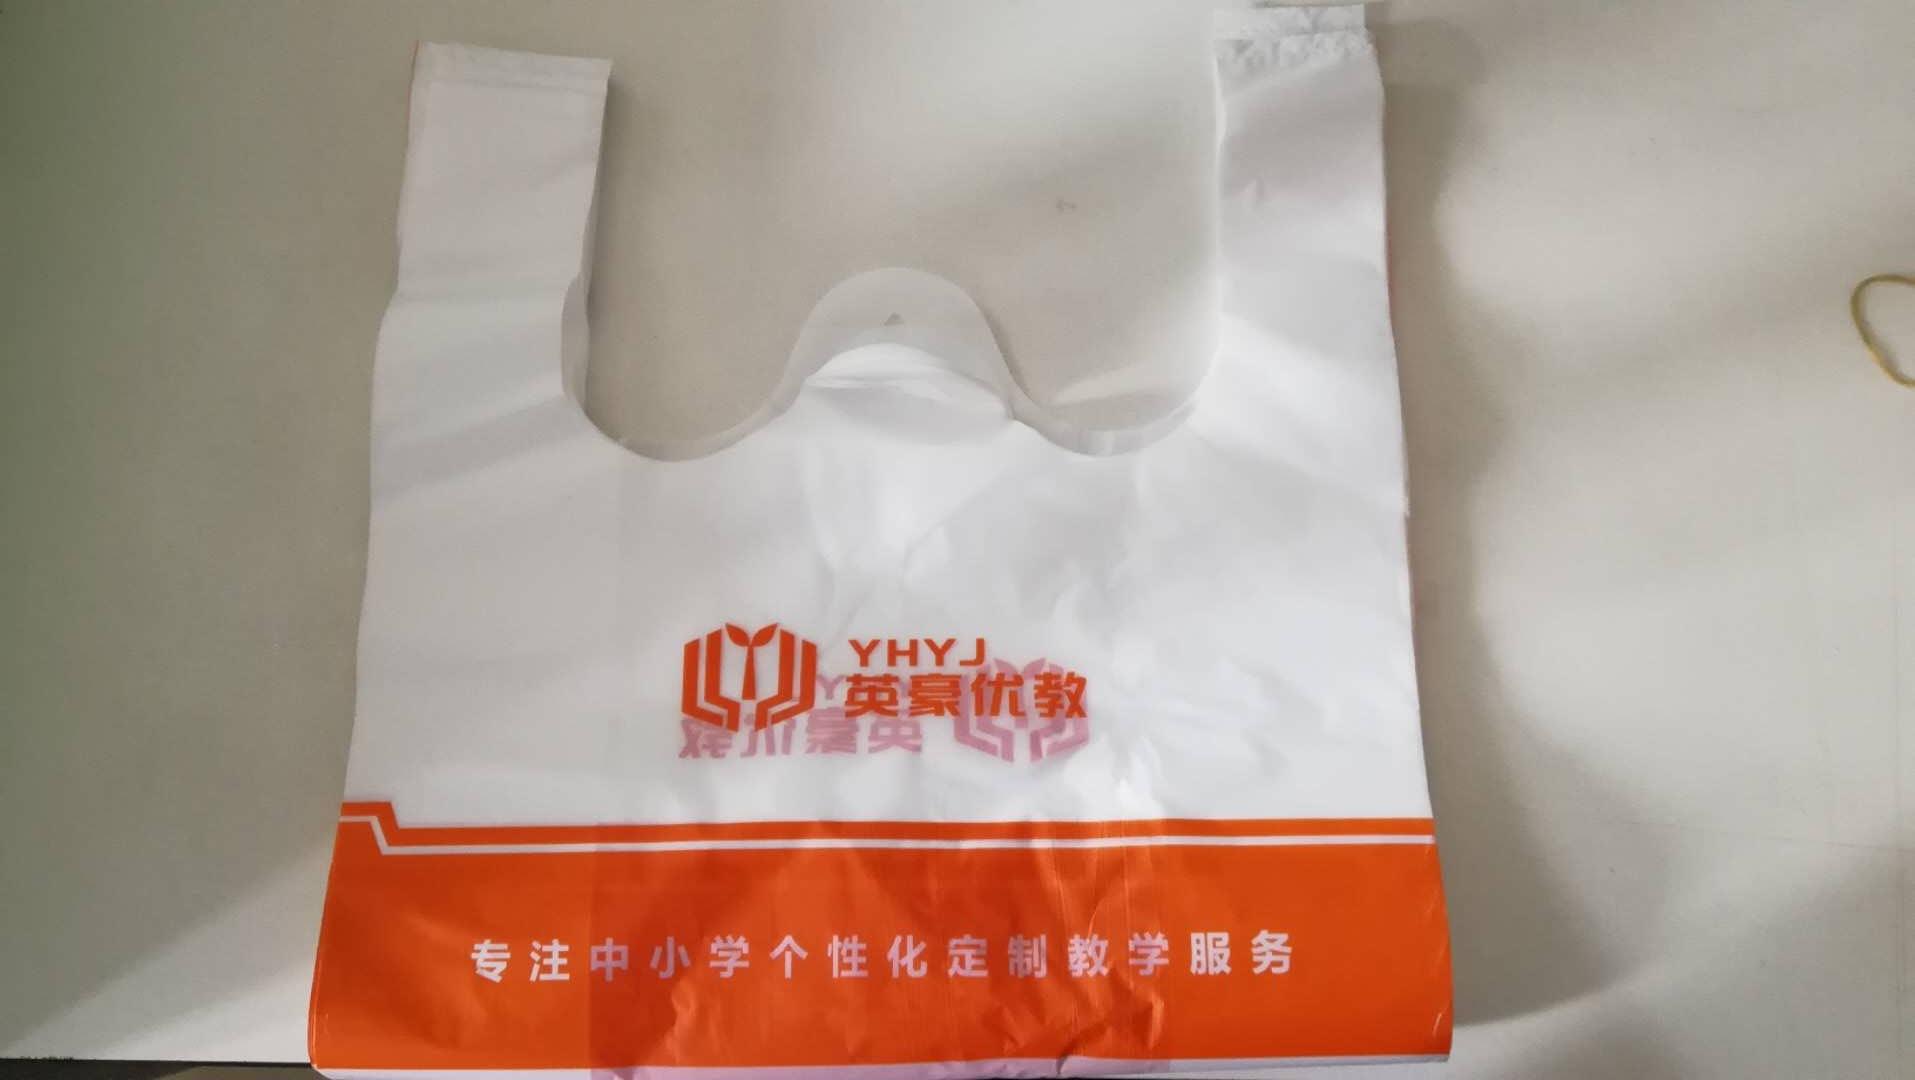 鉴别塑料袋使用的是何种材质的方法